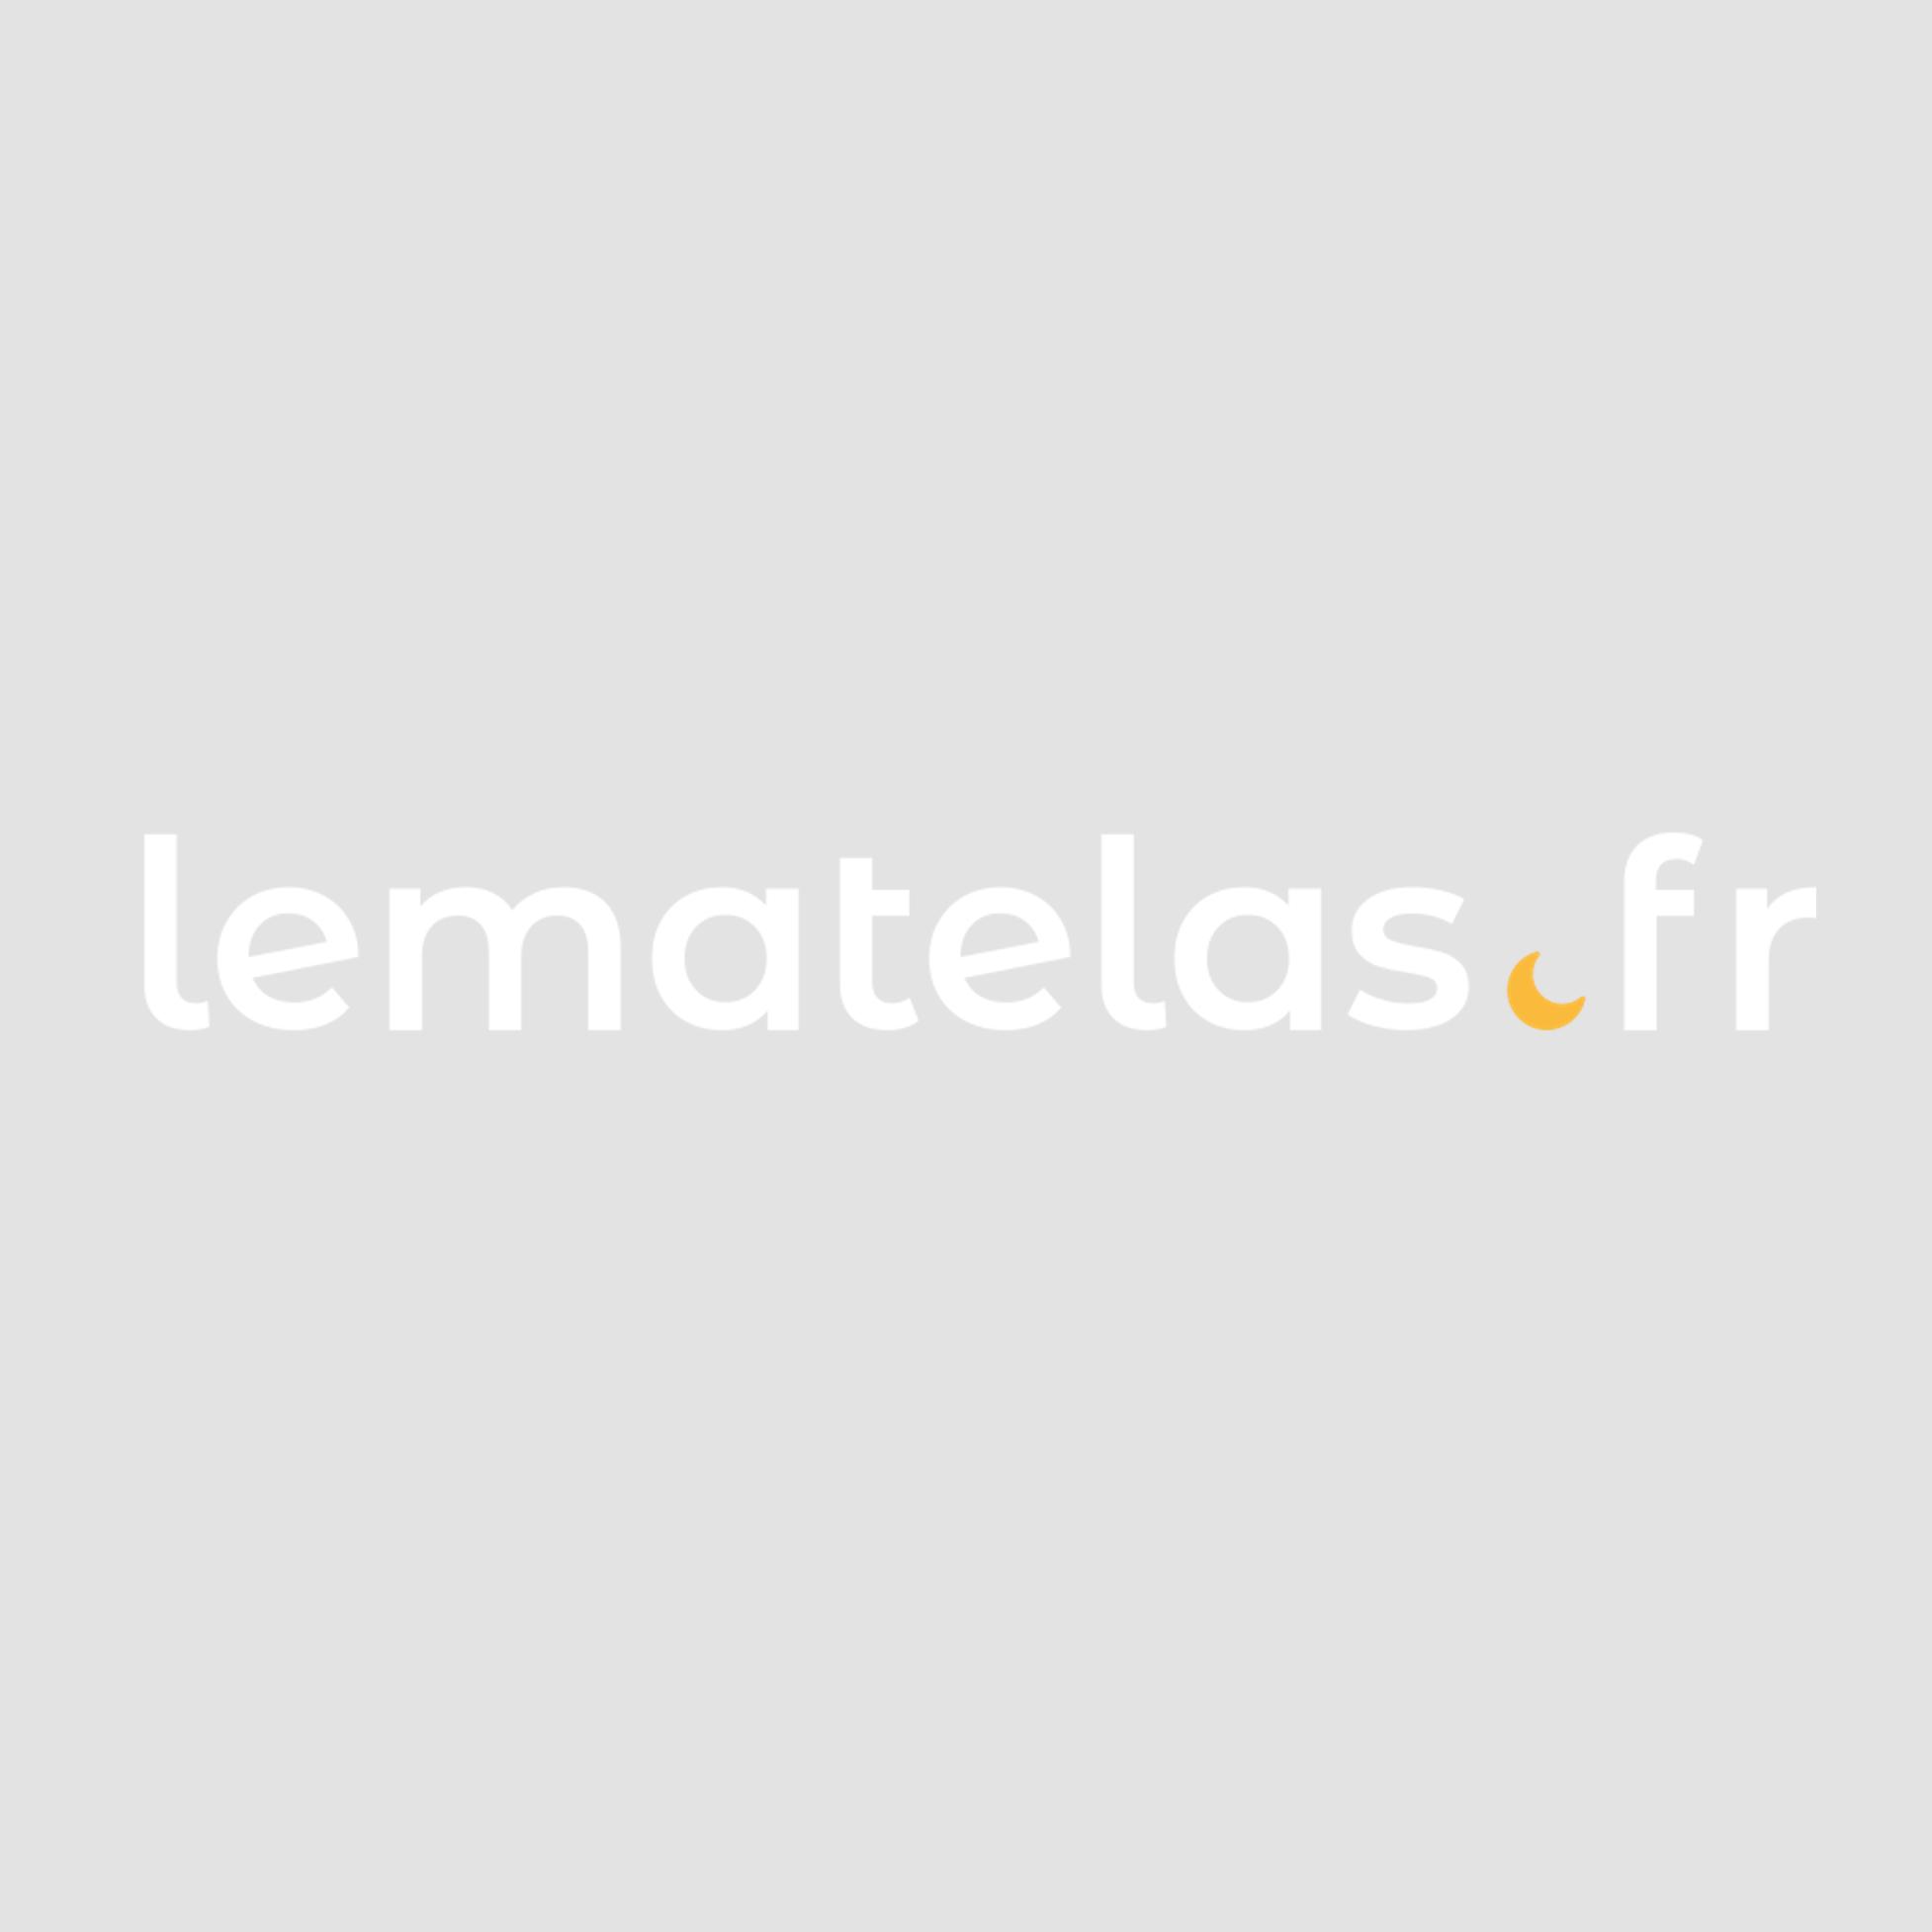 Drap housse rond bleu marine 215 cm 100% coton - Hôtellerie